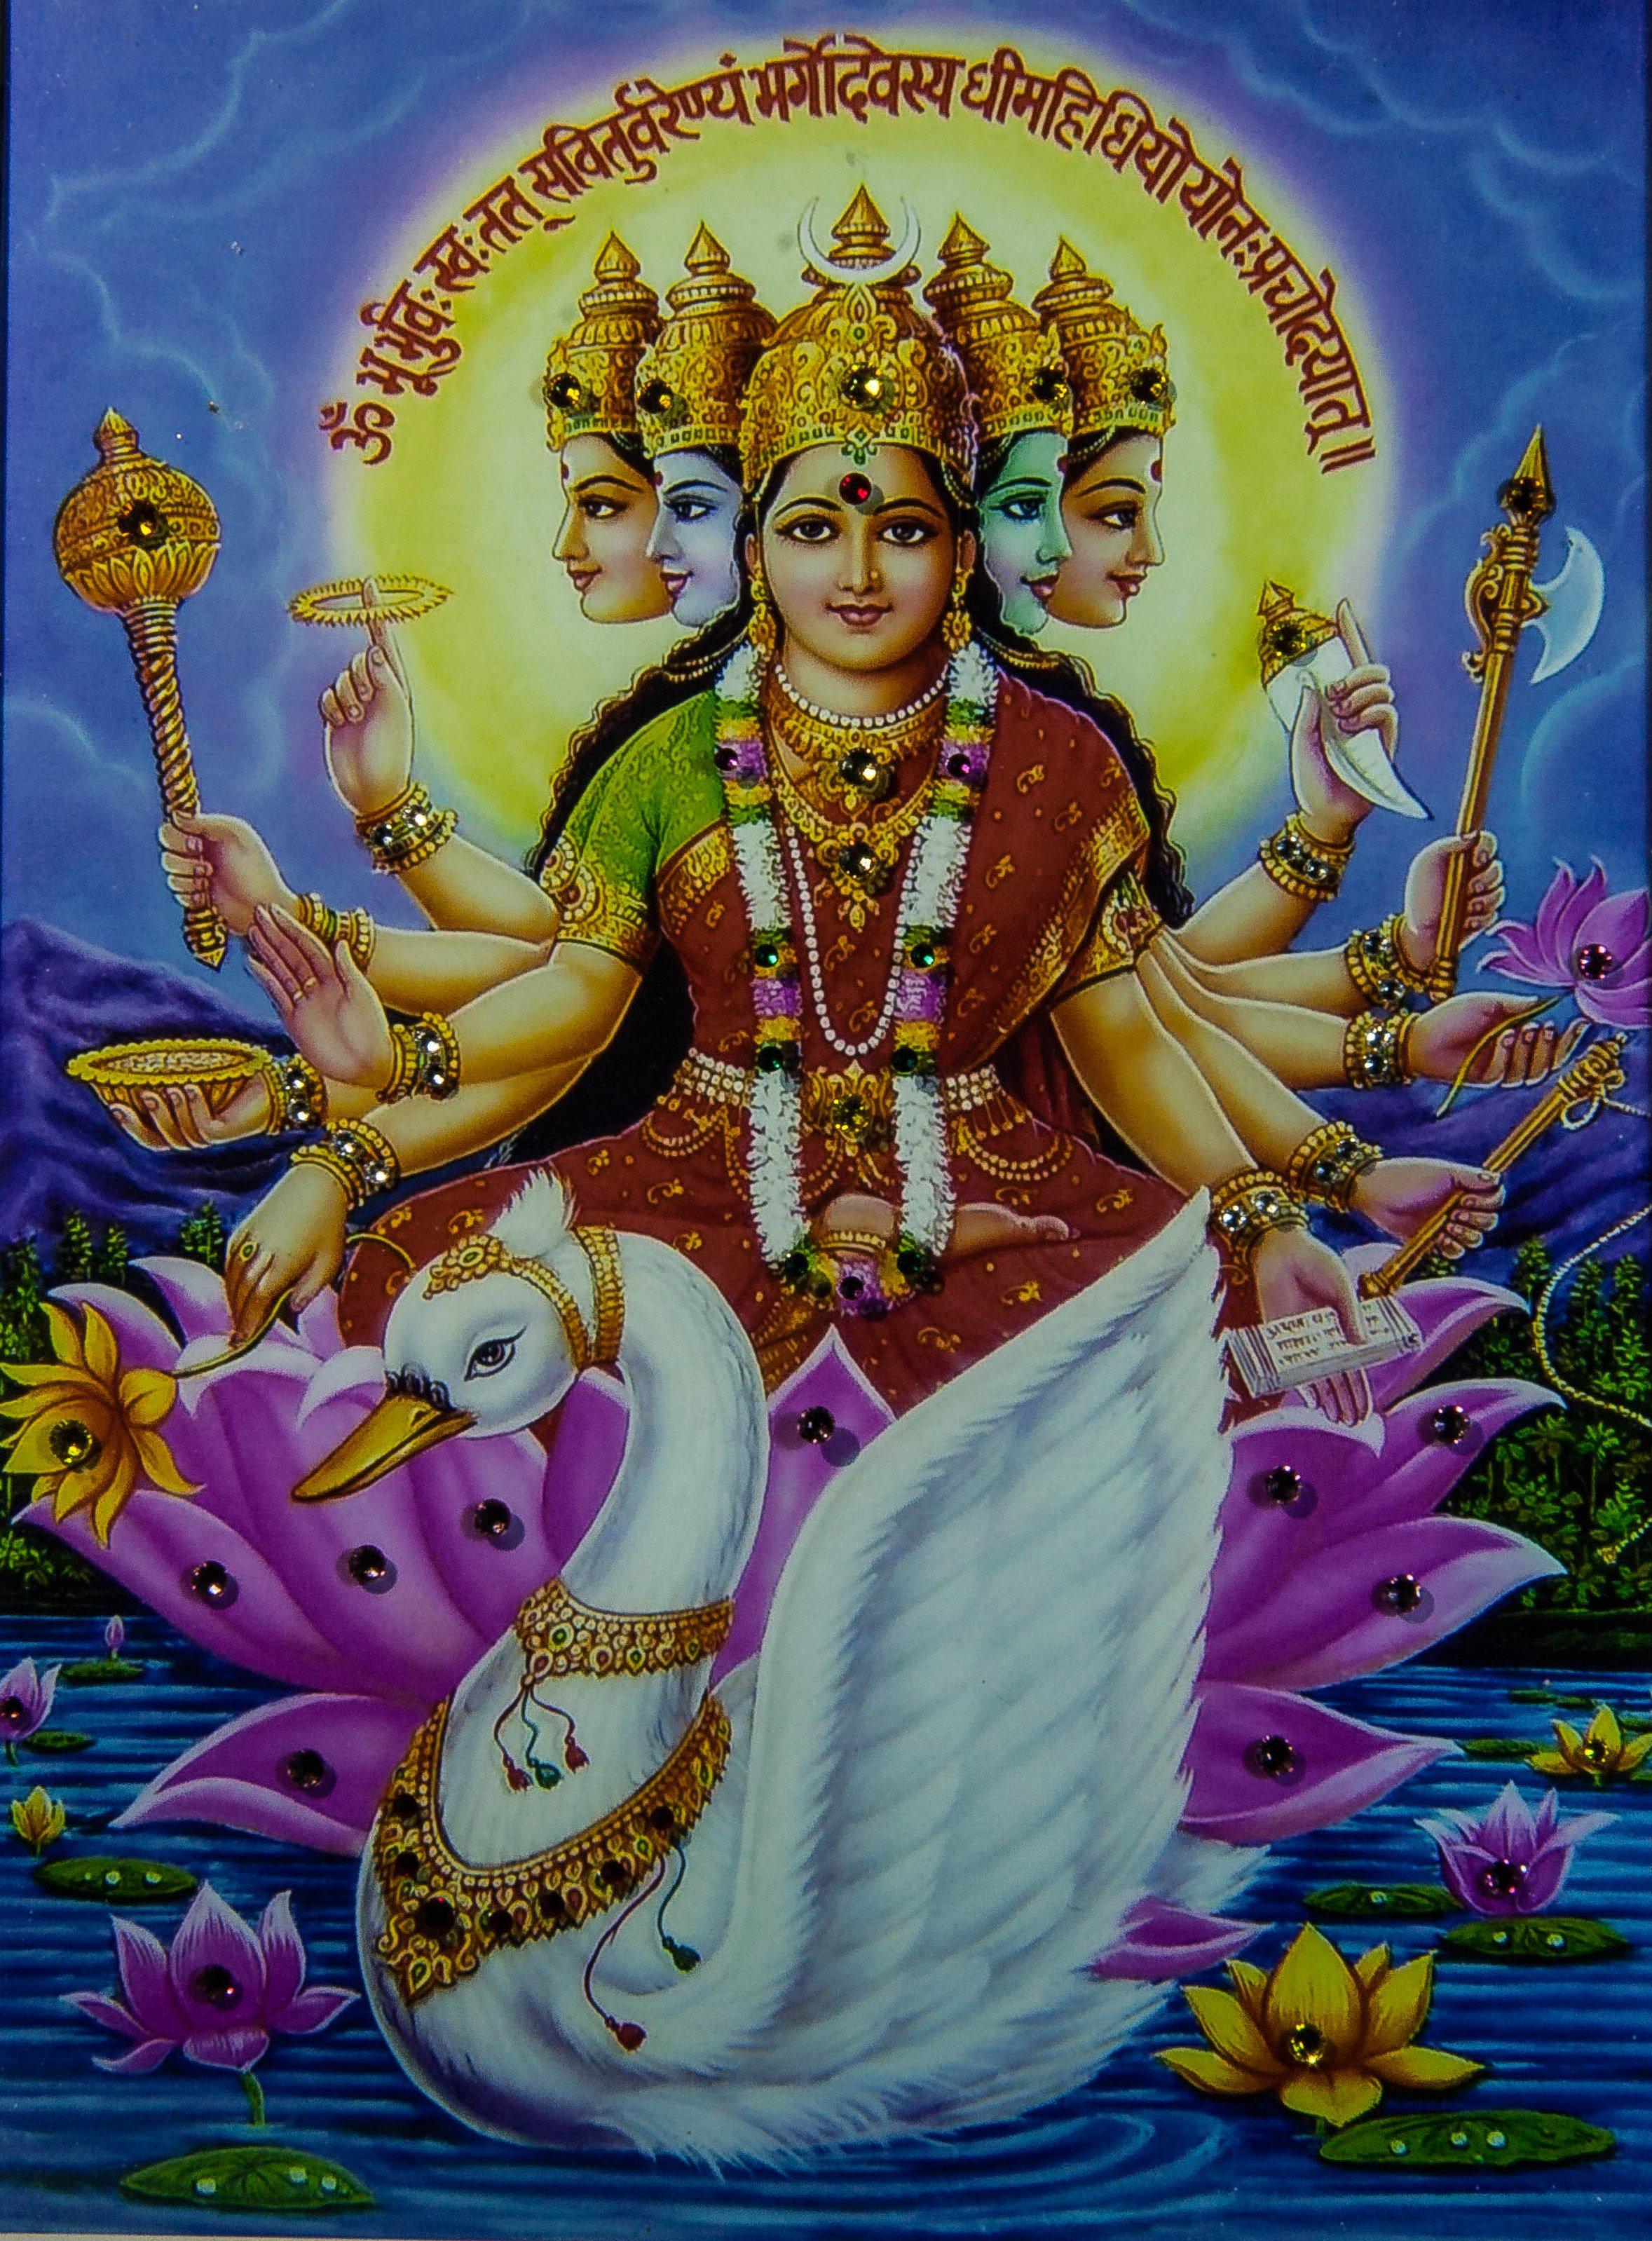 марша индийские боги список с картинками умельцам